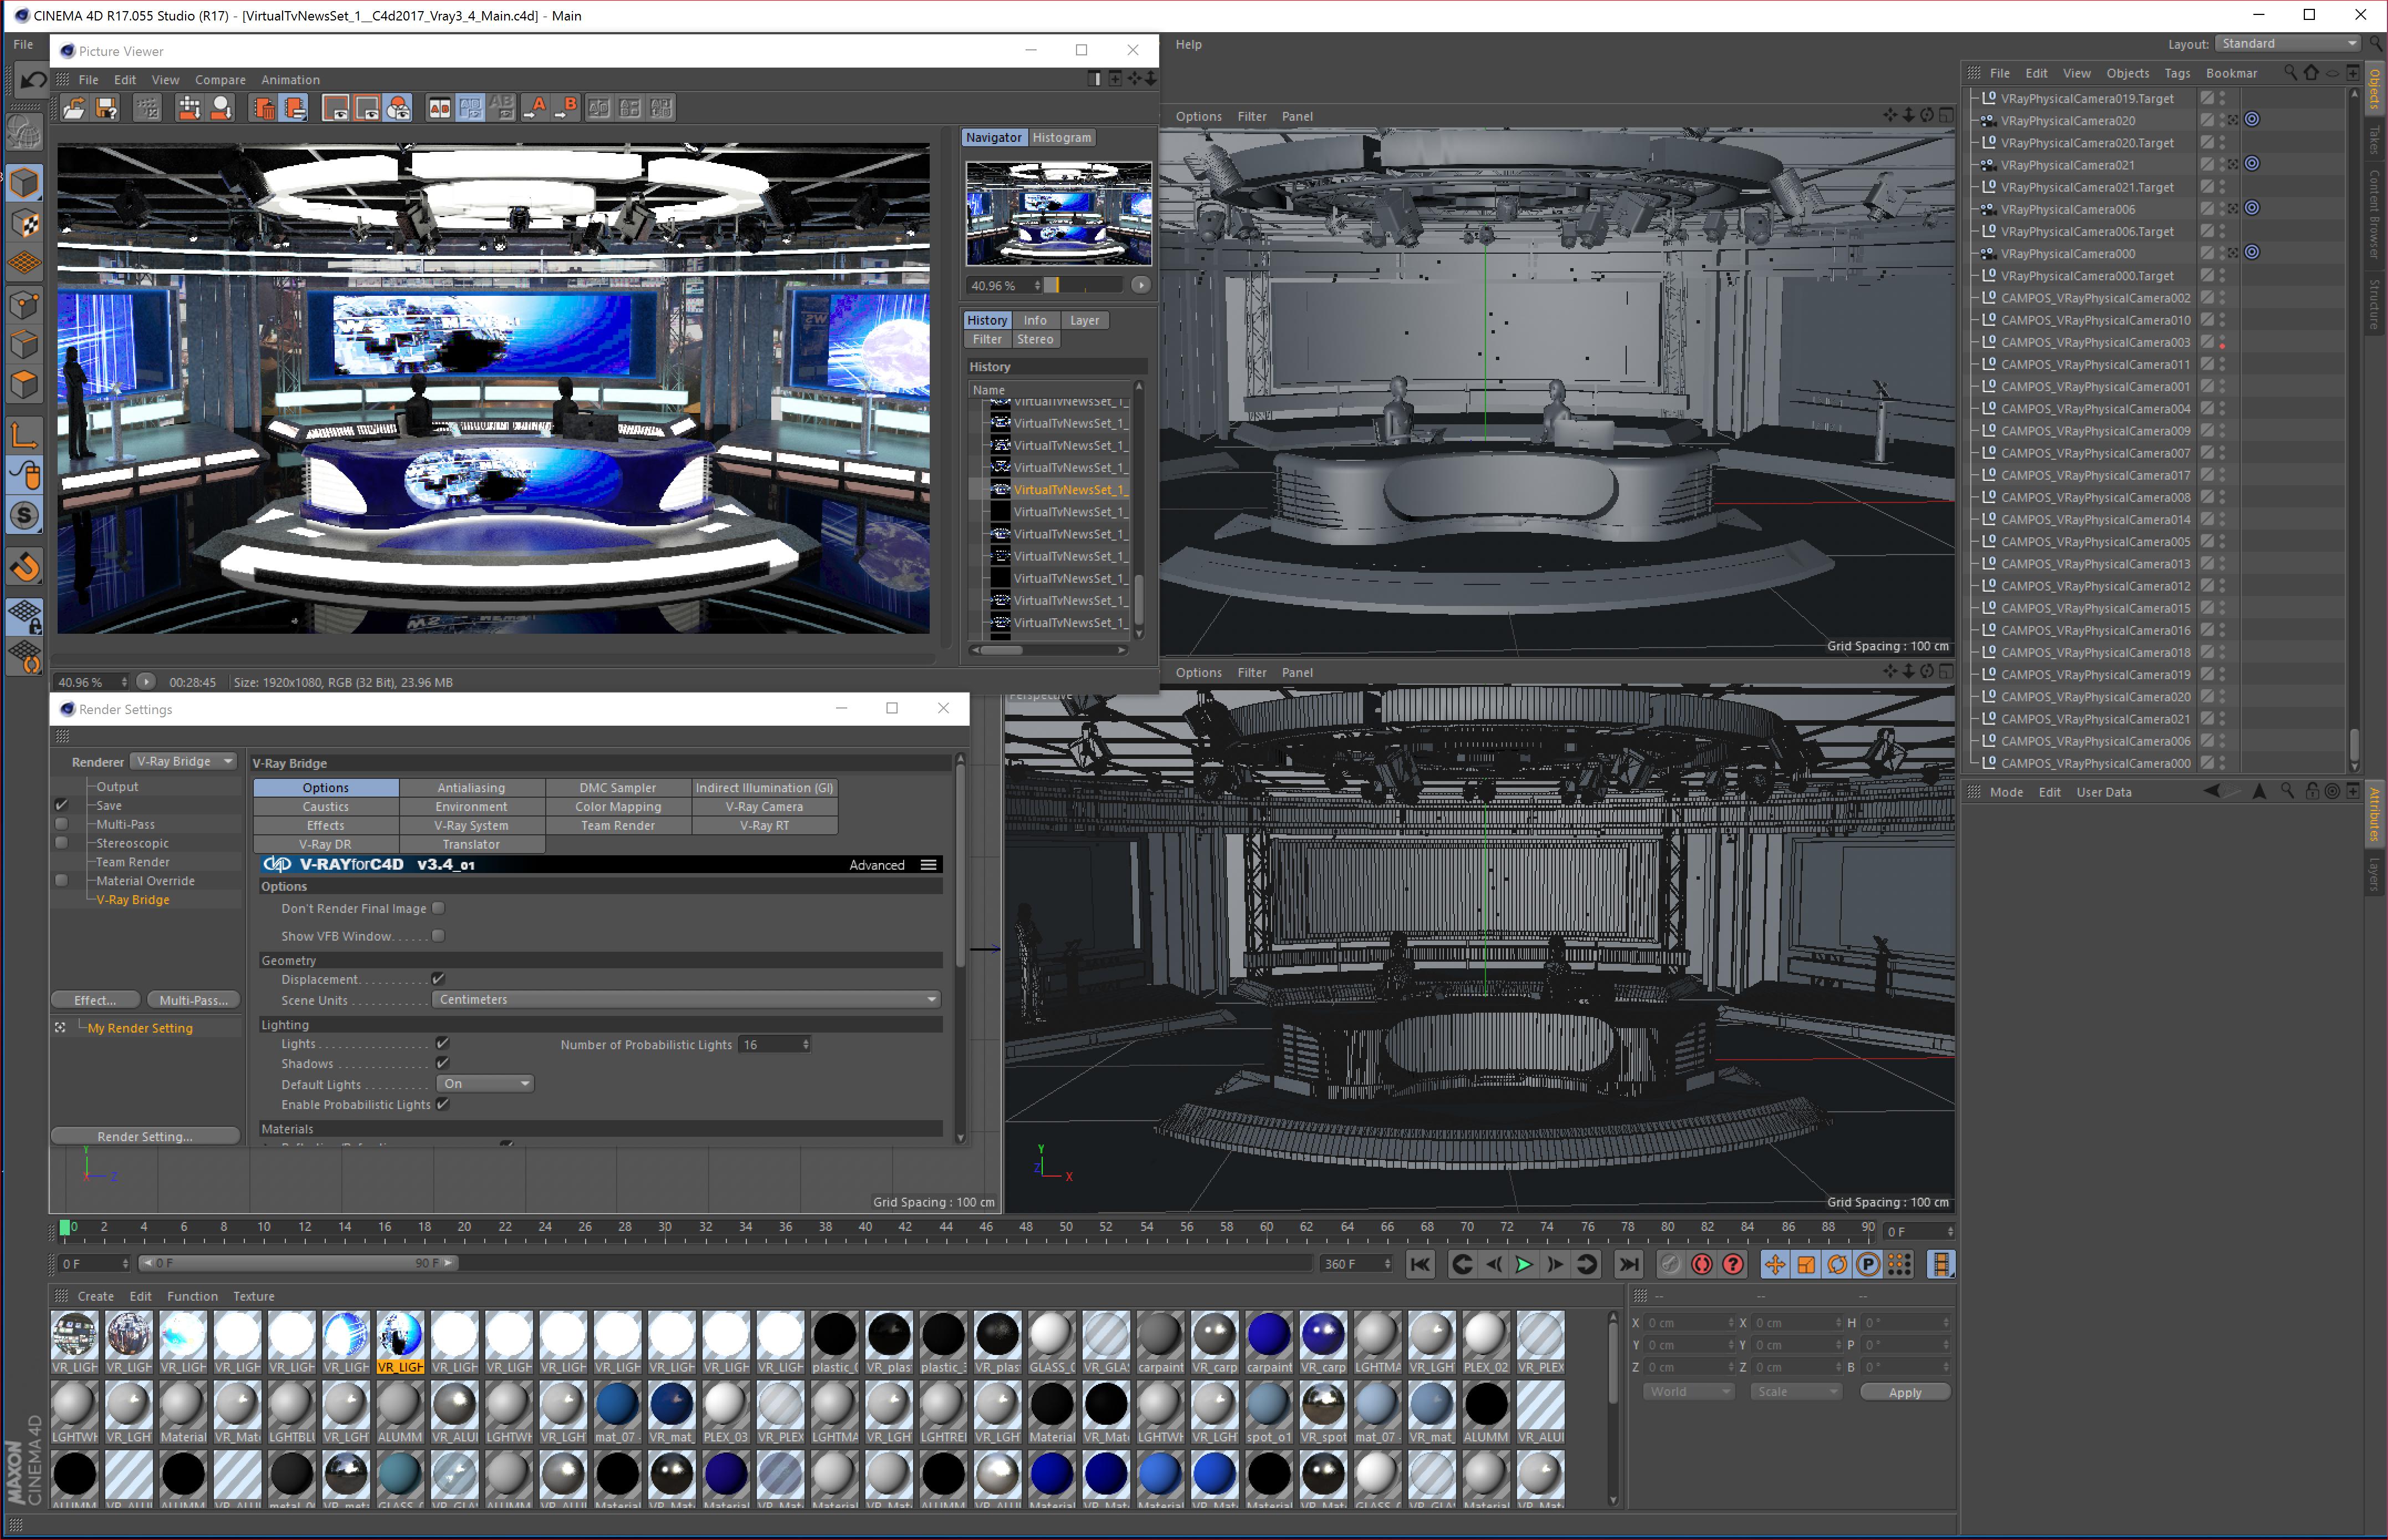 виртуал телевизийн студи мэдээ багц 1 3d загвар max dxf fbx c4d obj 223291